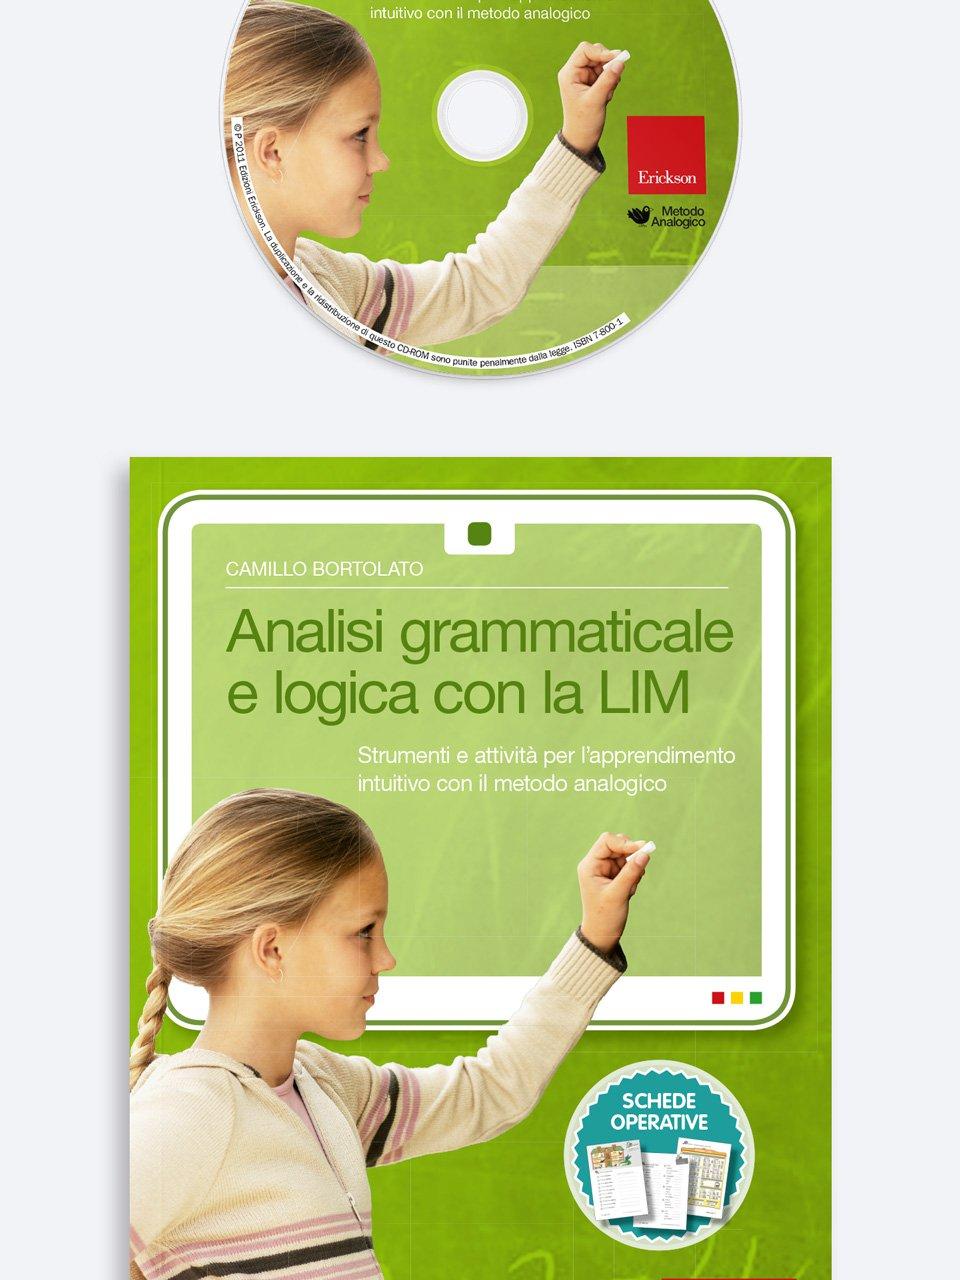 Analisi grammaticale e logica con la LIM - Metodo Analogico altre proposte - Erickson